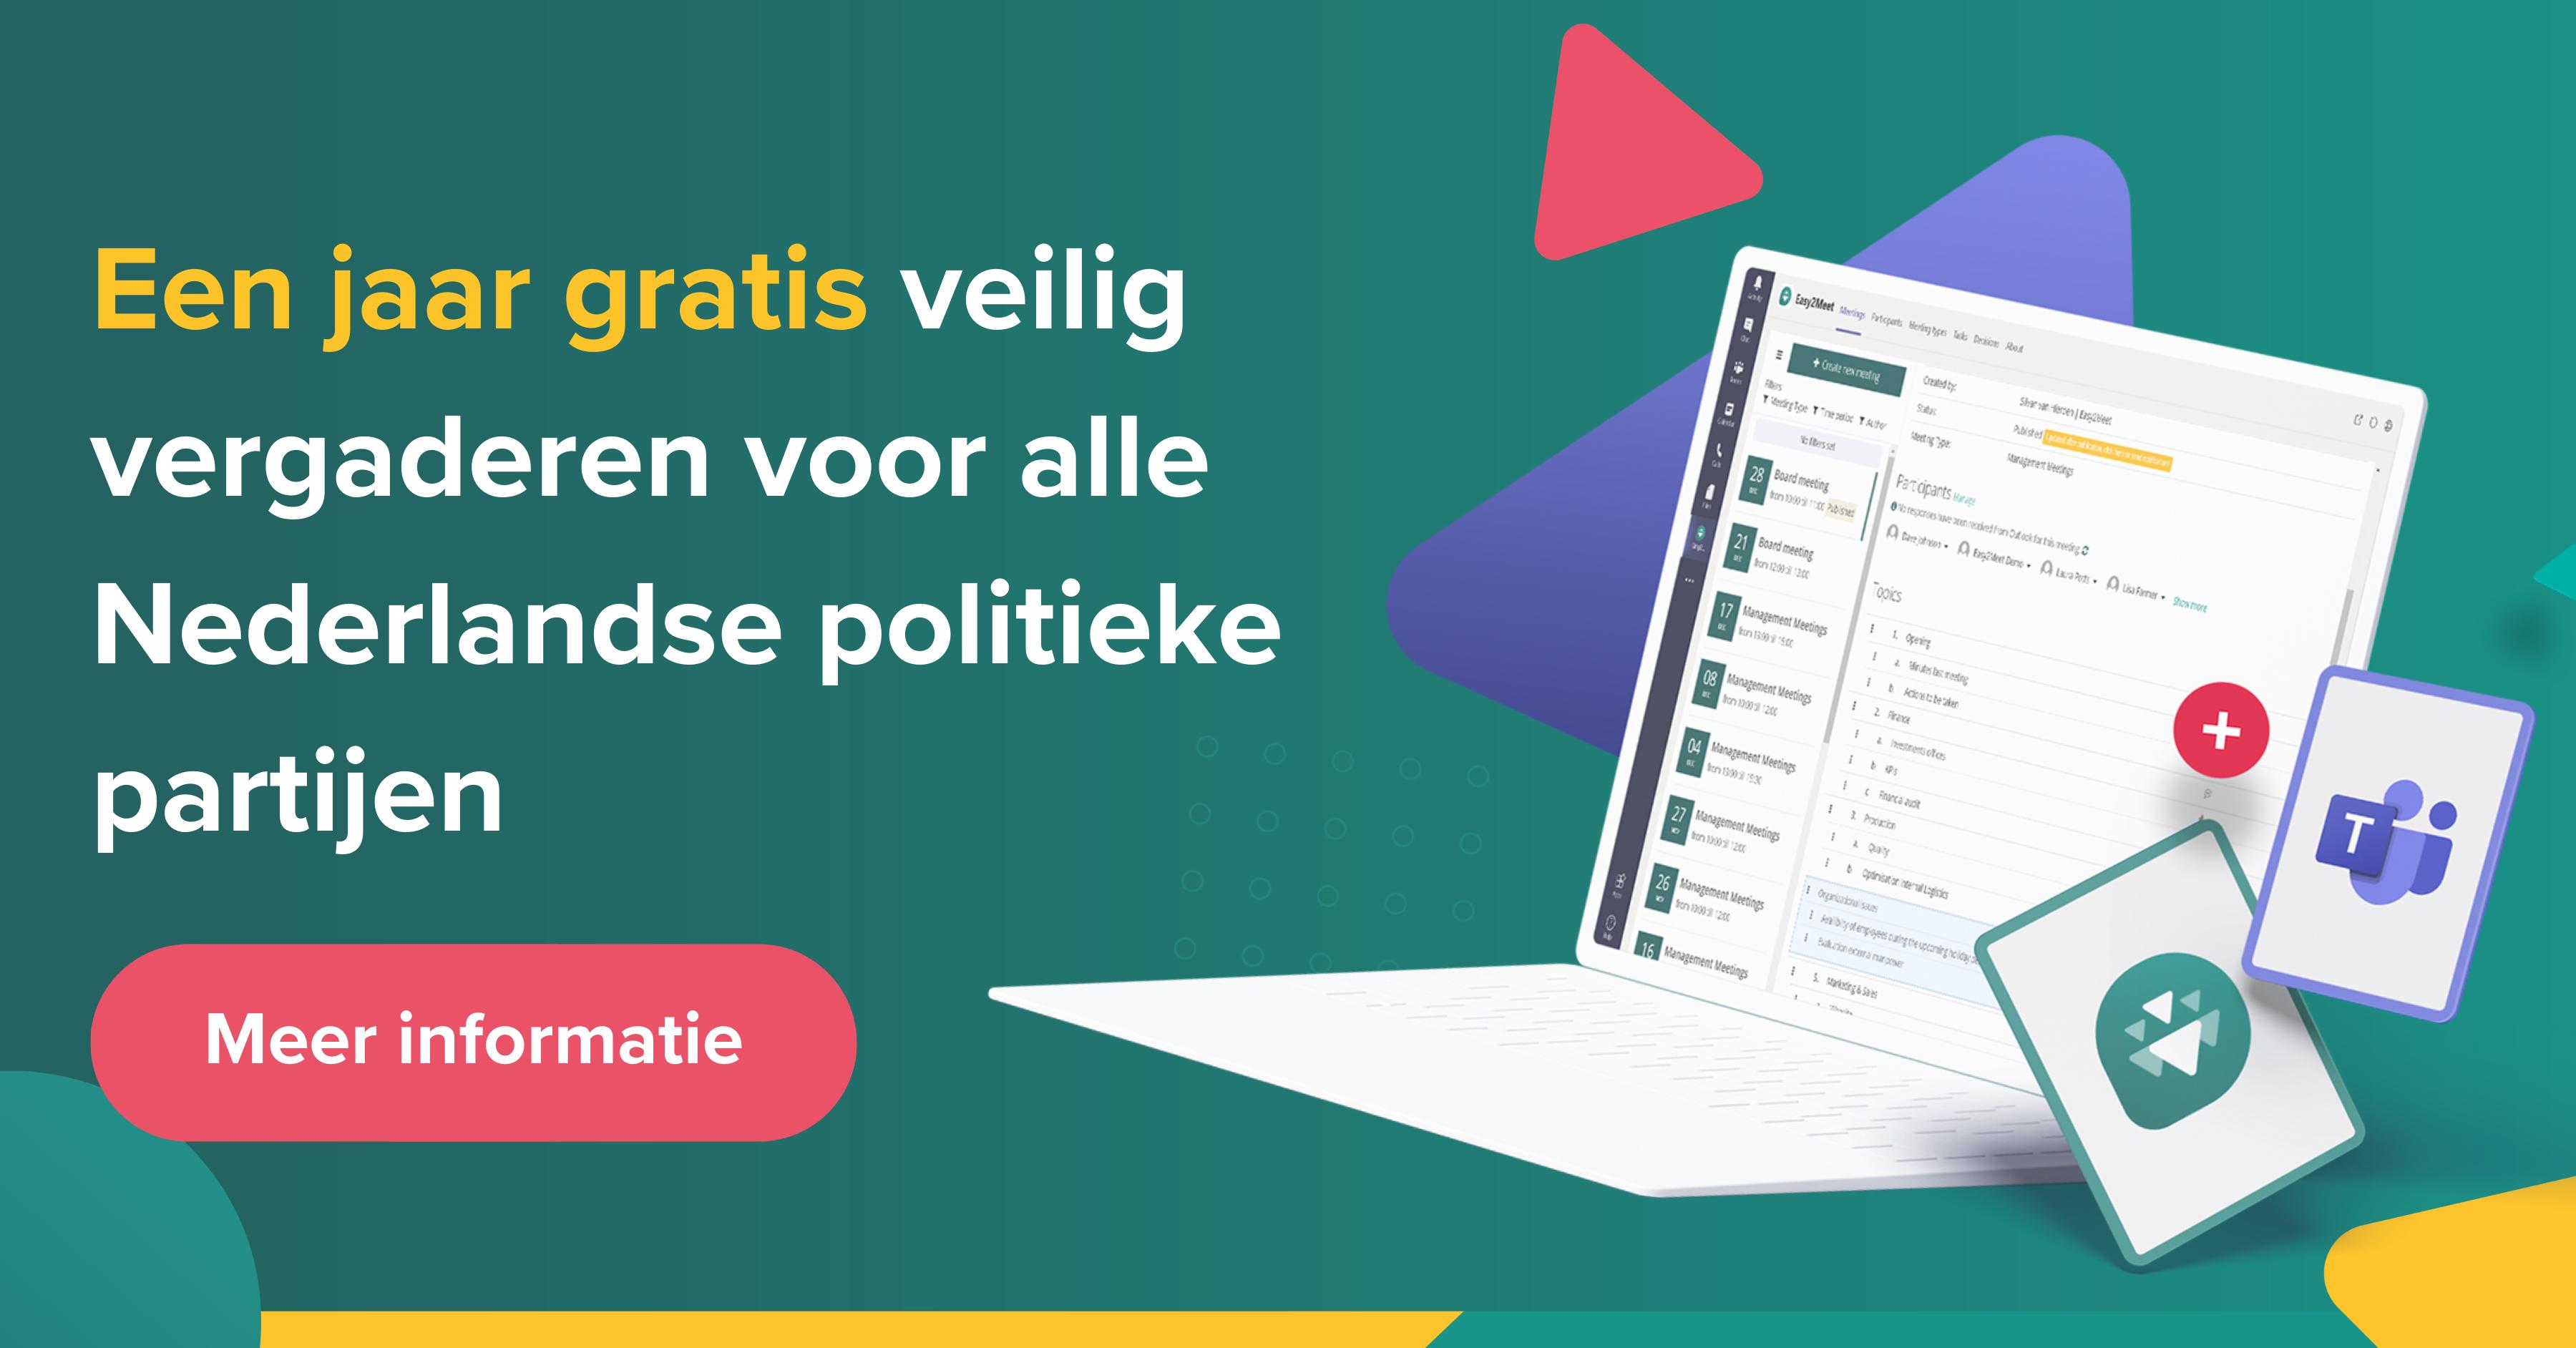 Een jaar gratis veilig vergaderen voor alle Nederlandse politieke partijen